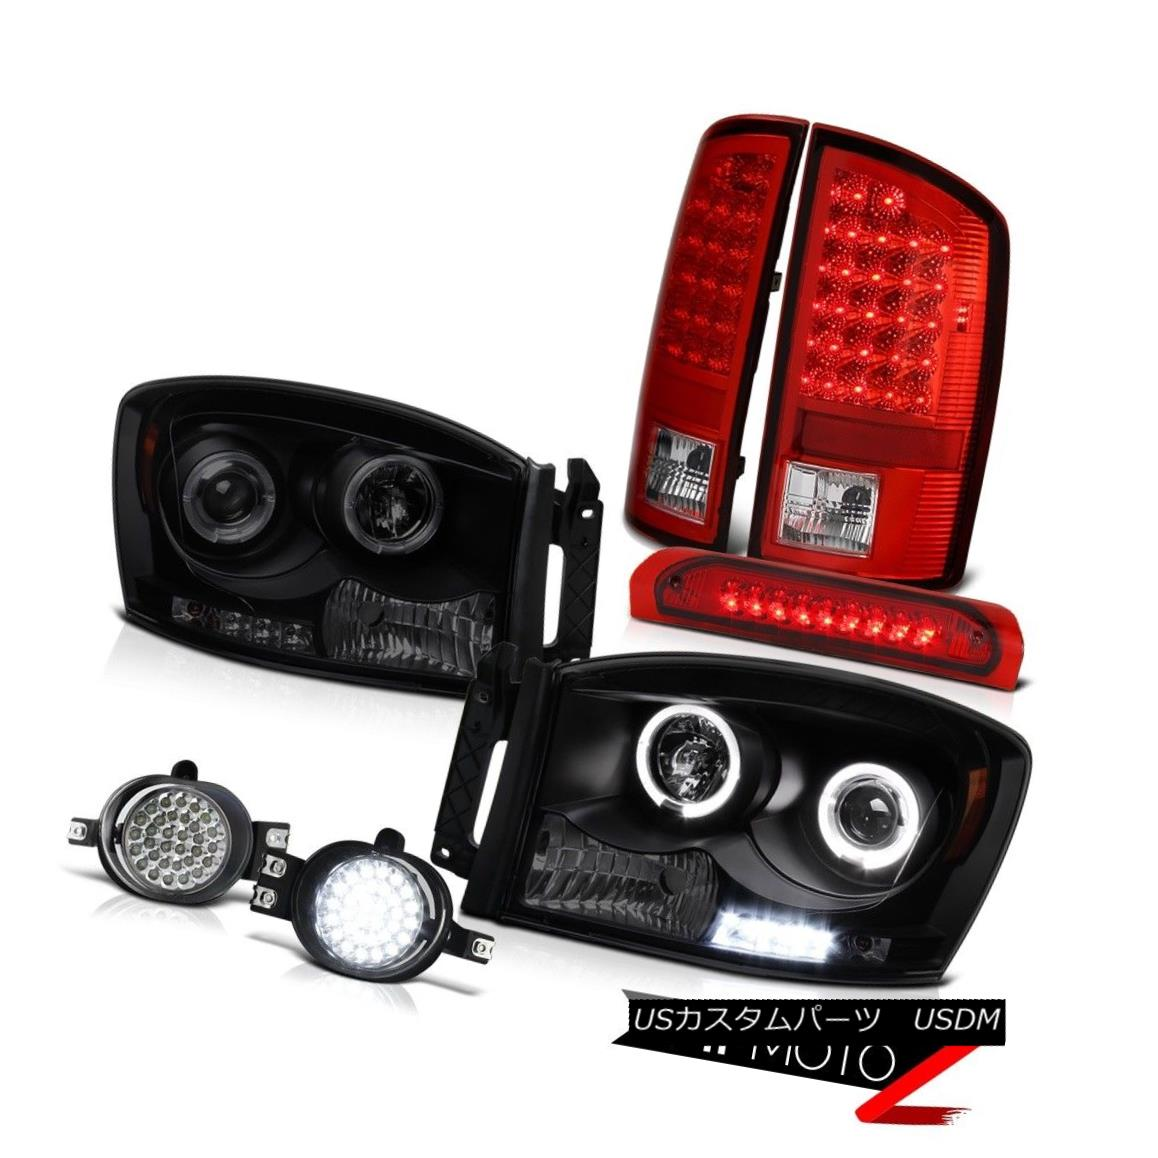 テールライト Sinister Black Headlight Halo LED Tail Lights Foglight Third Brake Ram 2007 2008 Sinister BlackヘッドライトHalo LEDテールライトFoglight Third Brake Ram 2007 2007